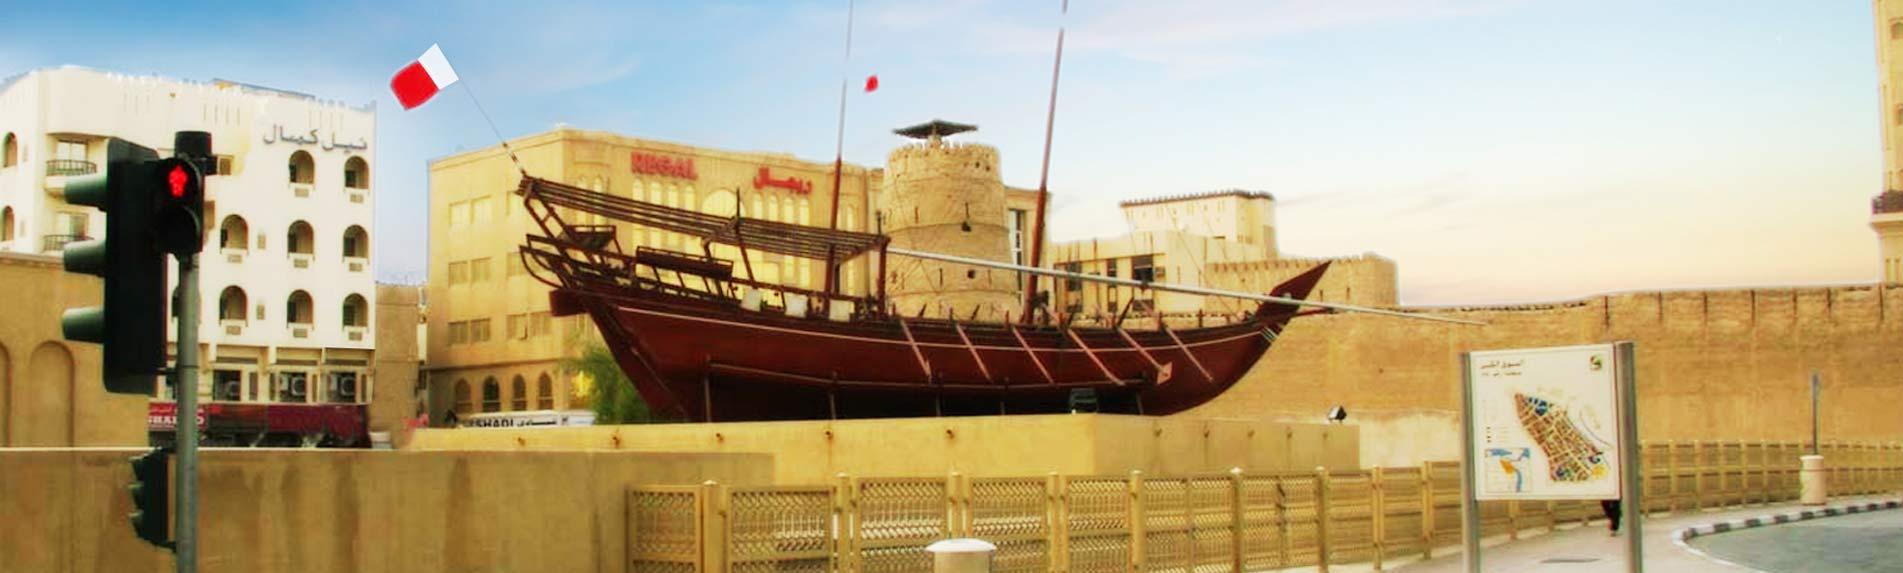 dubai city tour from abudhabi